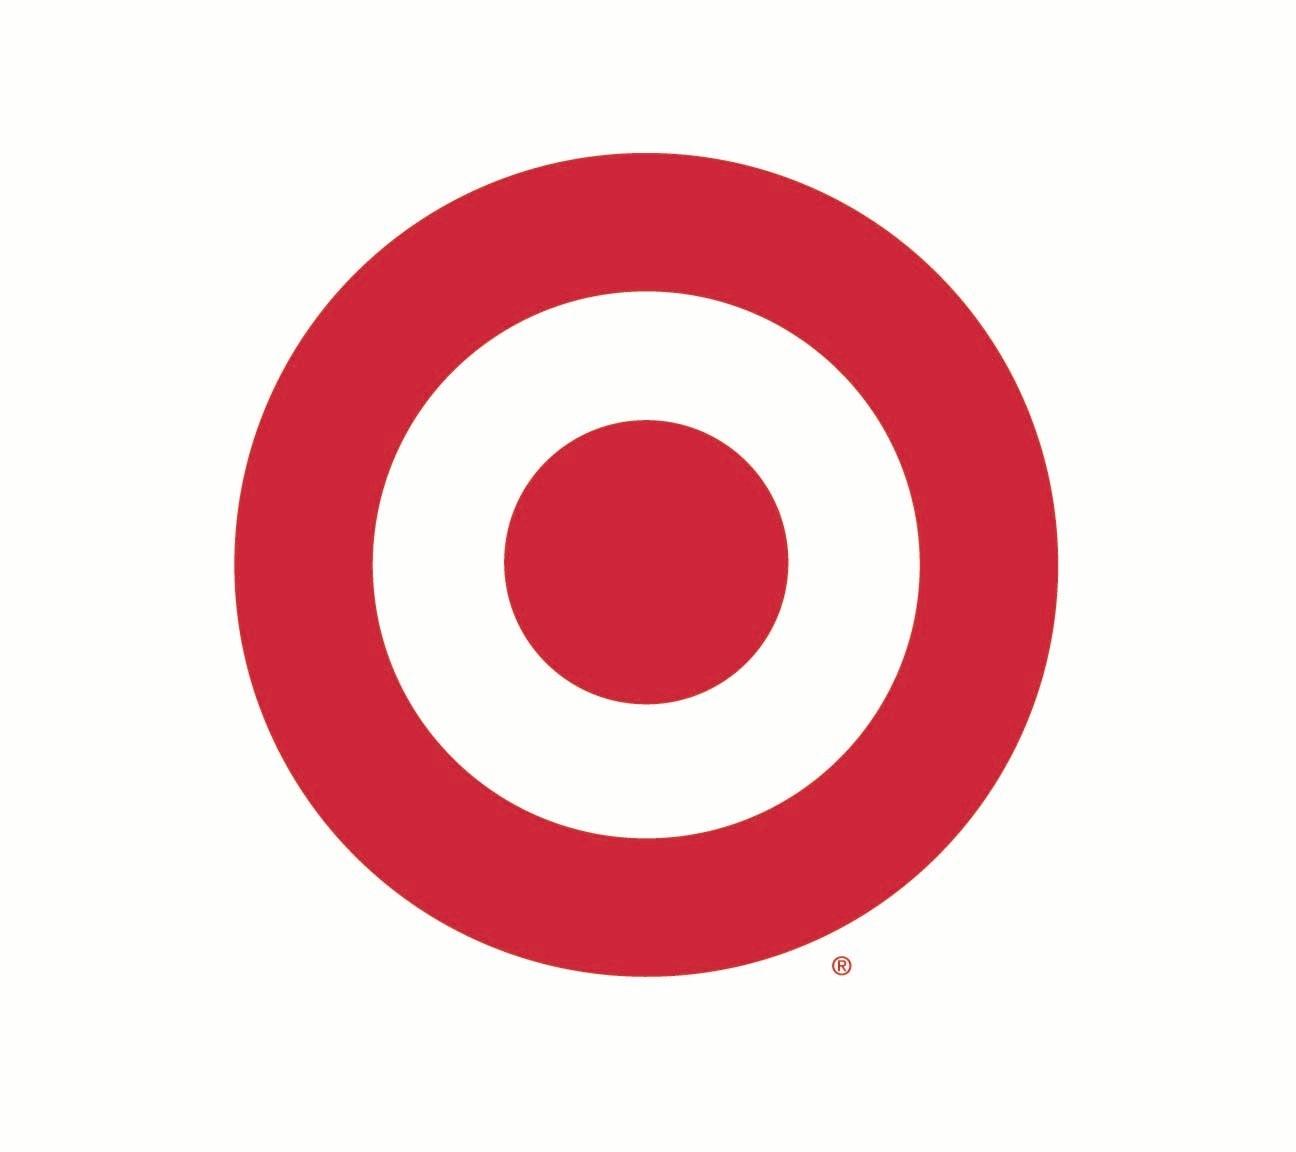 Target Bullseye Clipart Best-Target Bullseye Clipart Best-17